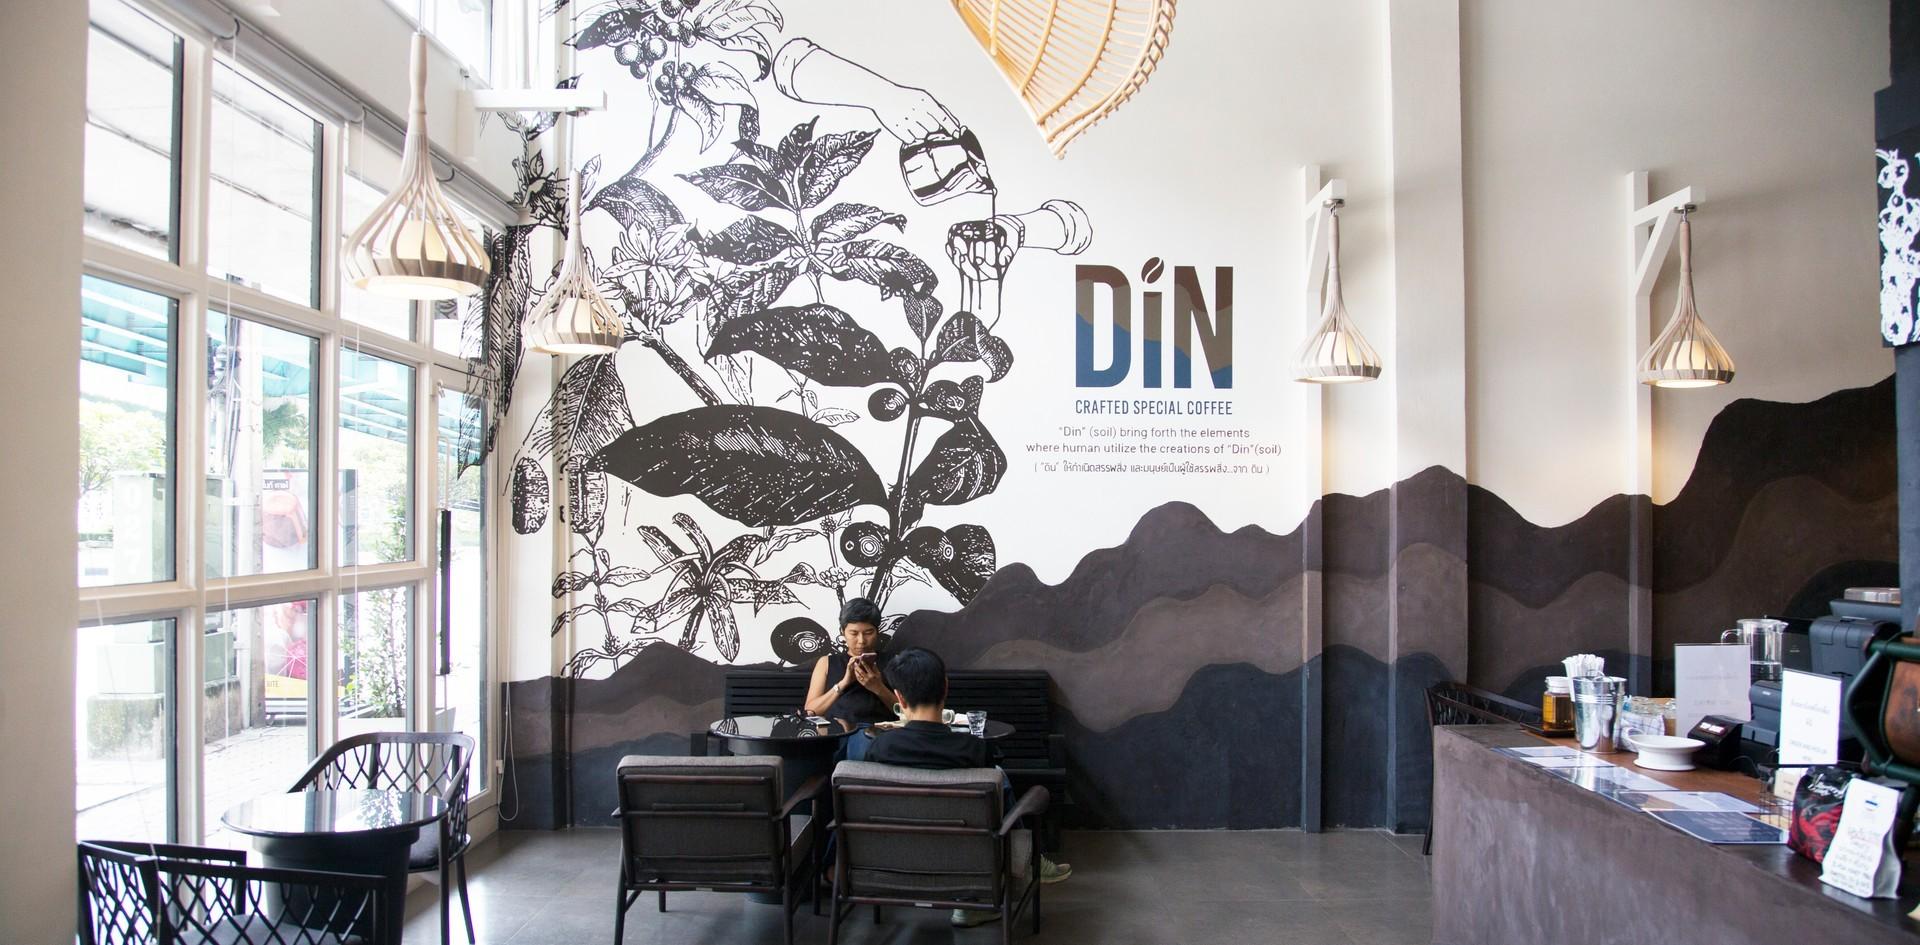 """ร้านใหม่ประจำวัน! ชวนเช็คอินที่ """"DIN"""" ร้านกาแฟเปิดใหม่ย่านพระราม 3"""